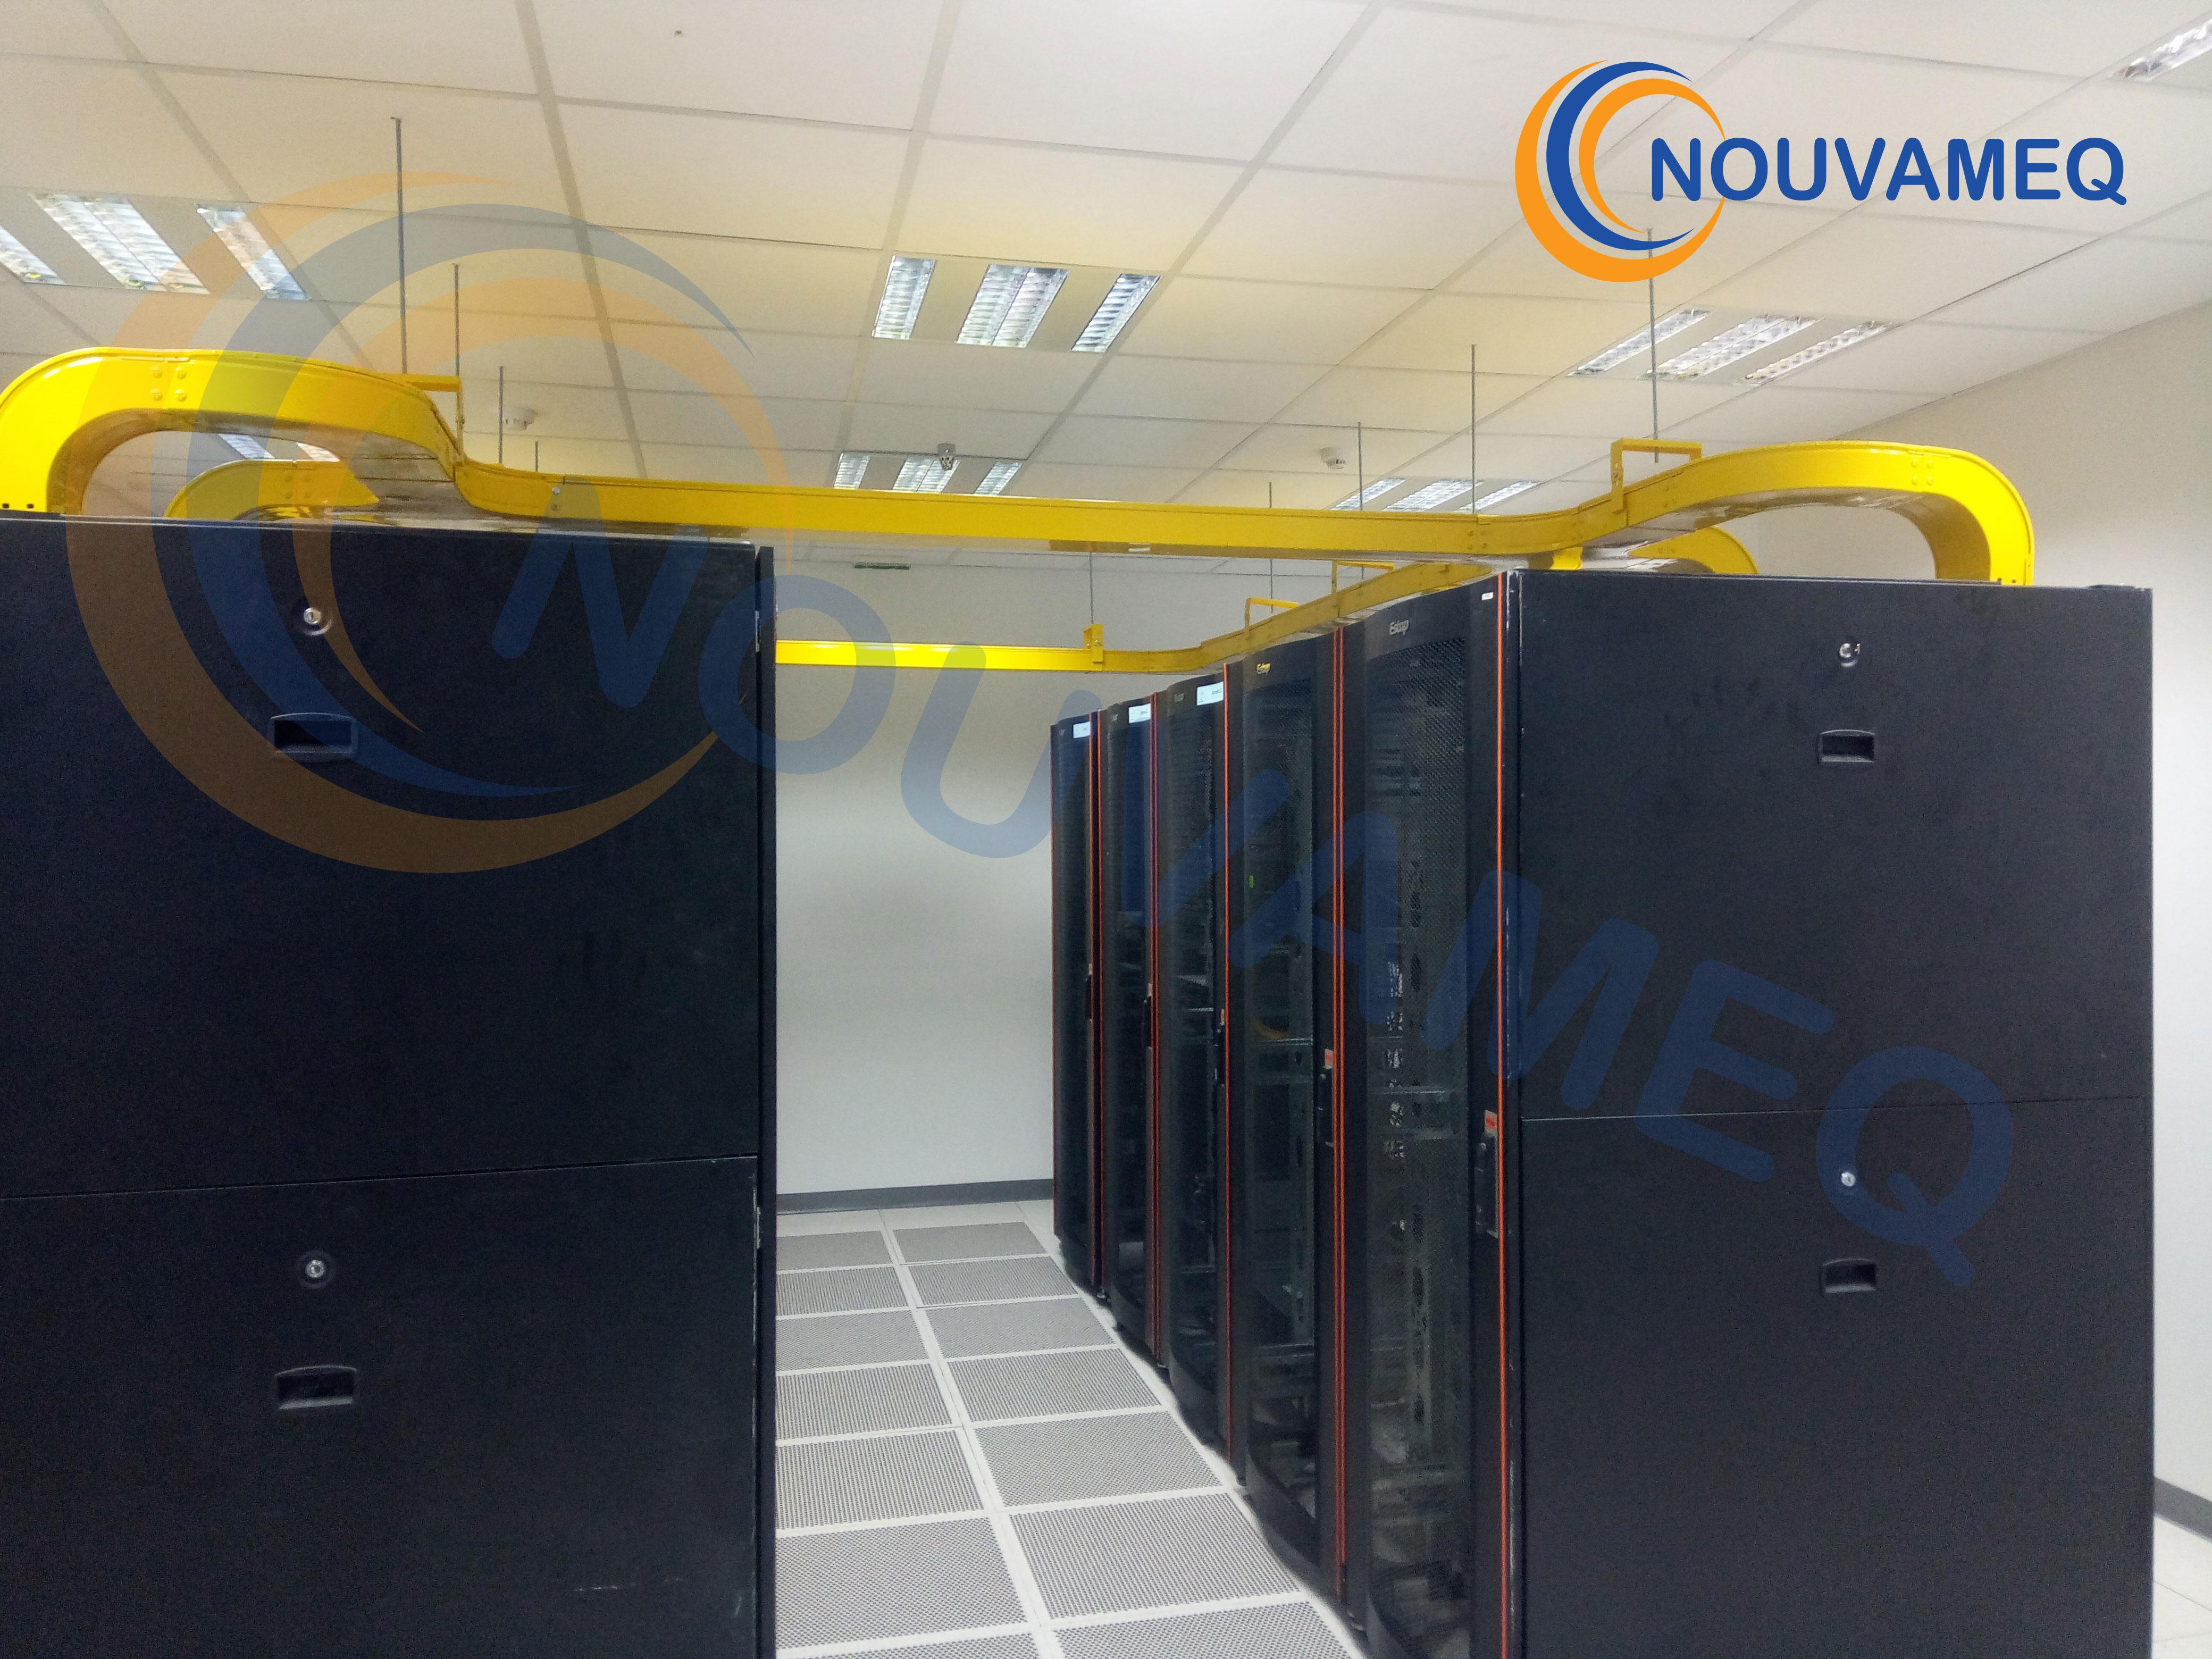 chambre-data-center-nouvameq-tunisie-5